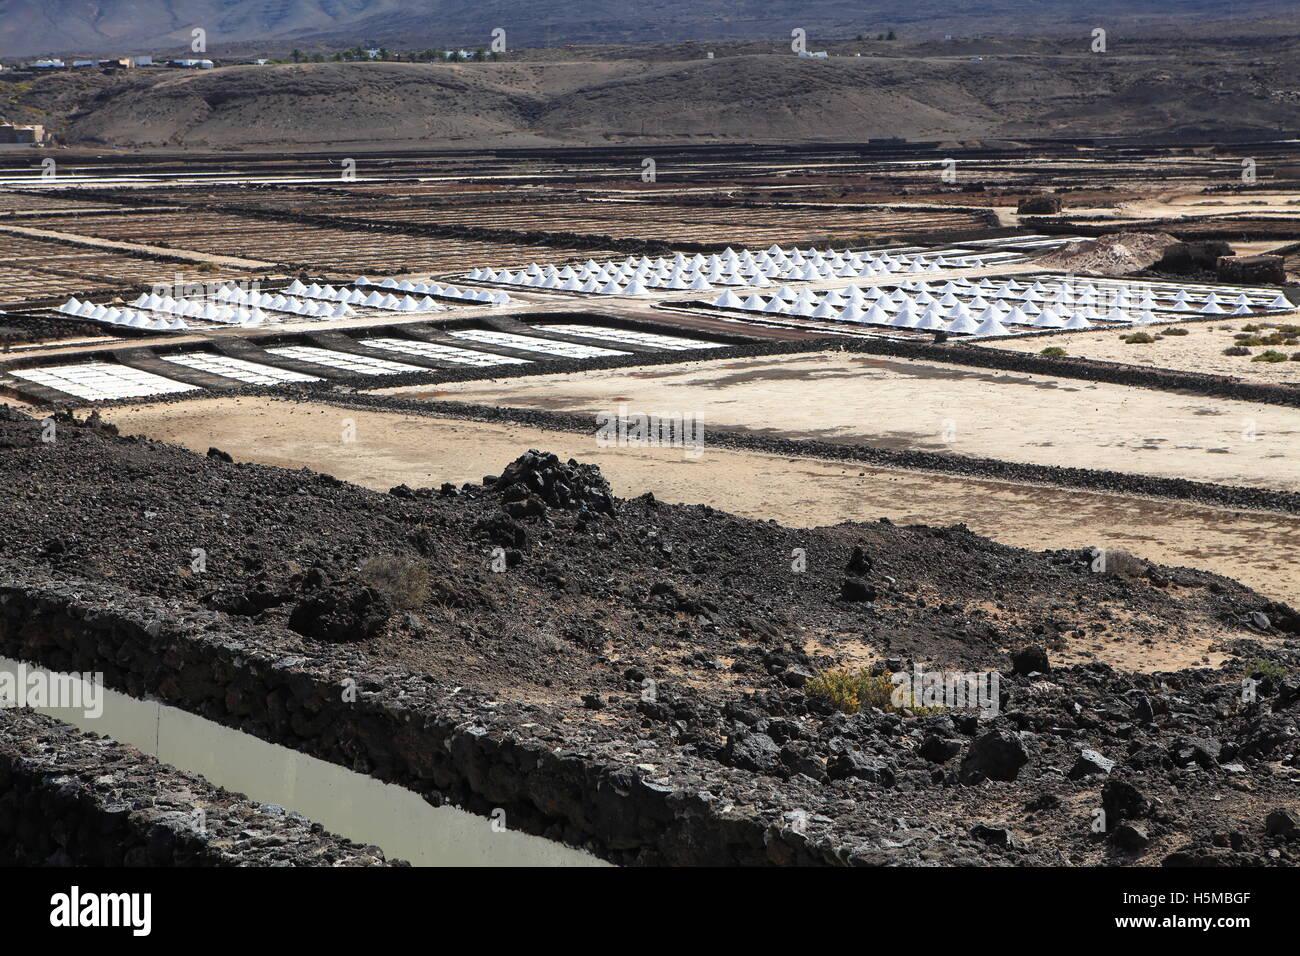 Salinas de Janubio (salinas) cerca de Yaiza, Lanzarote, Islas Canarias, montones de sal de mar listos para empaque. Imagen De Stock